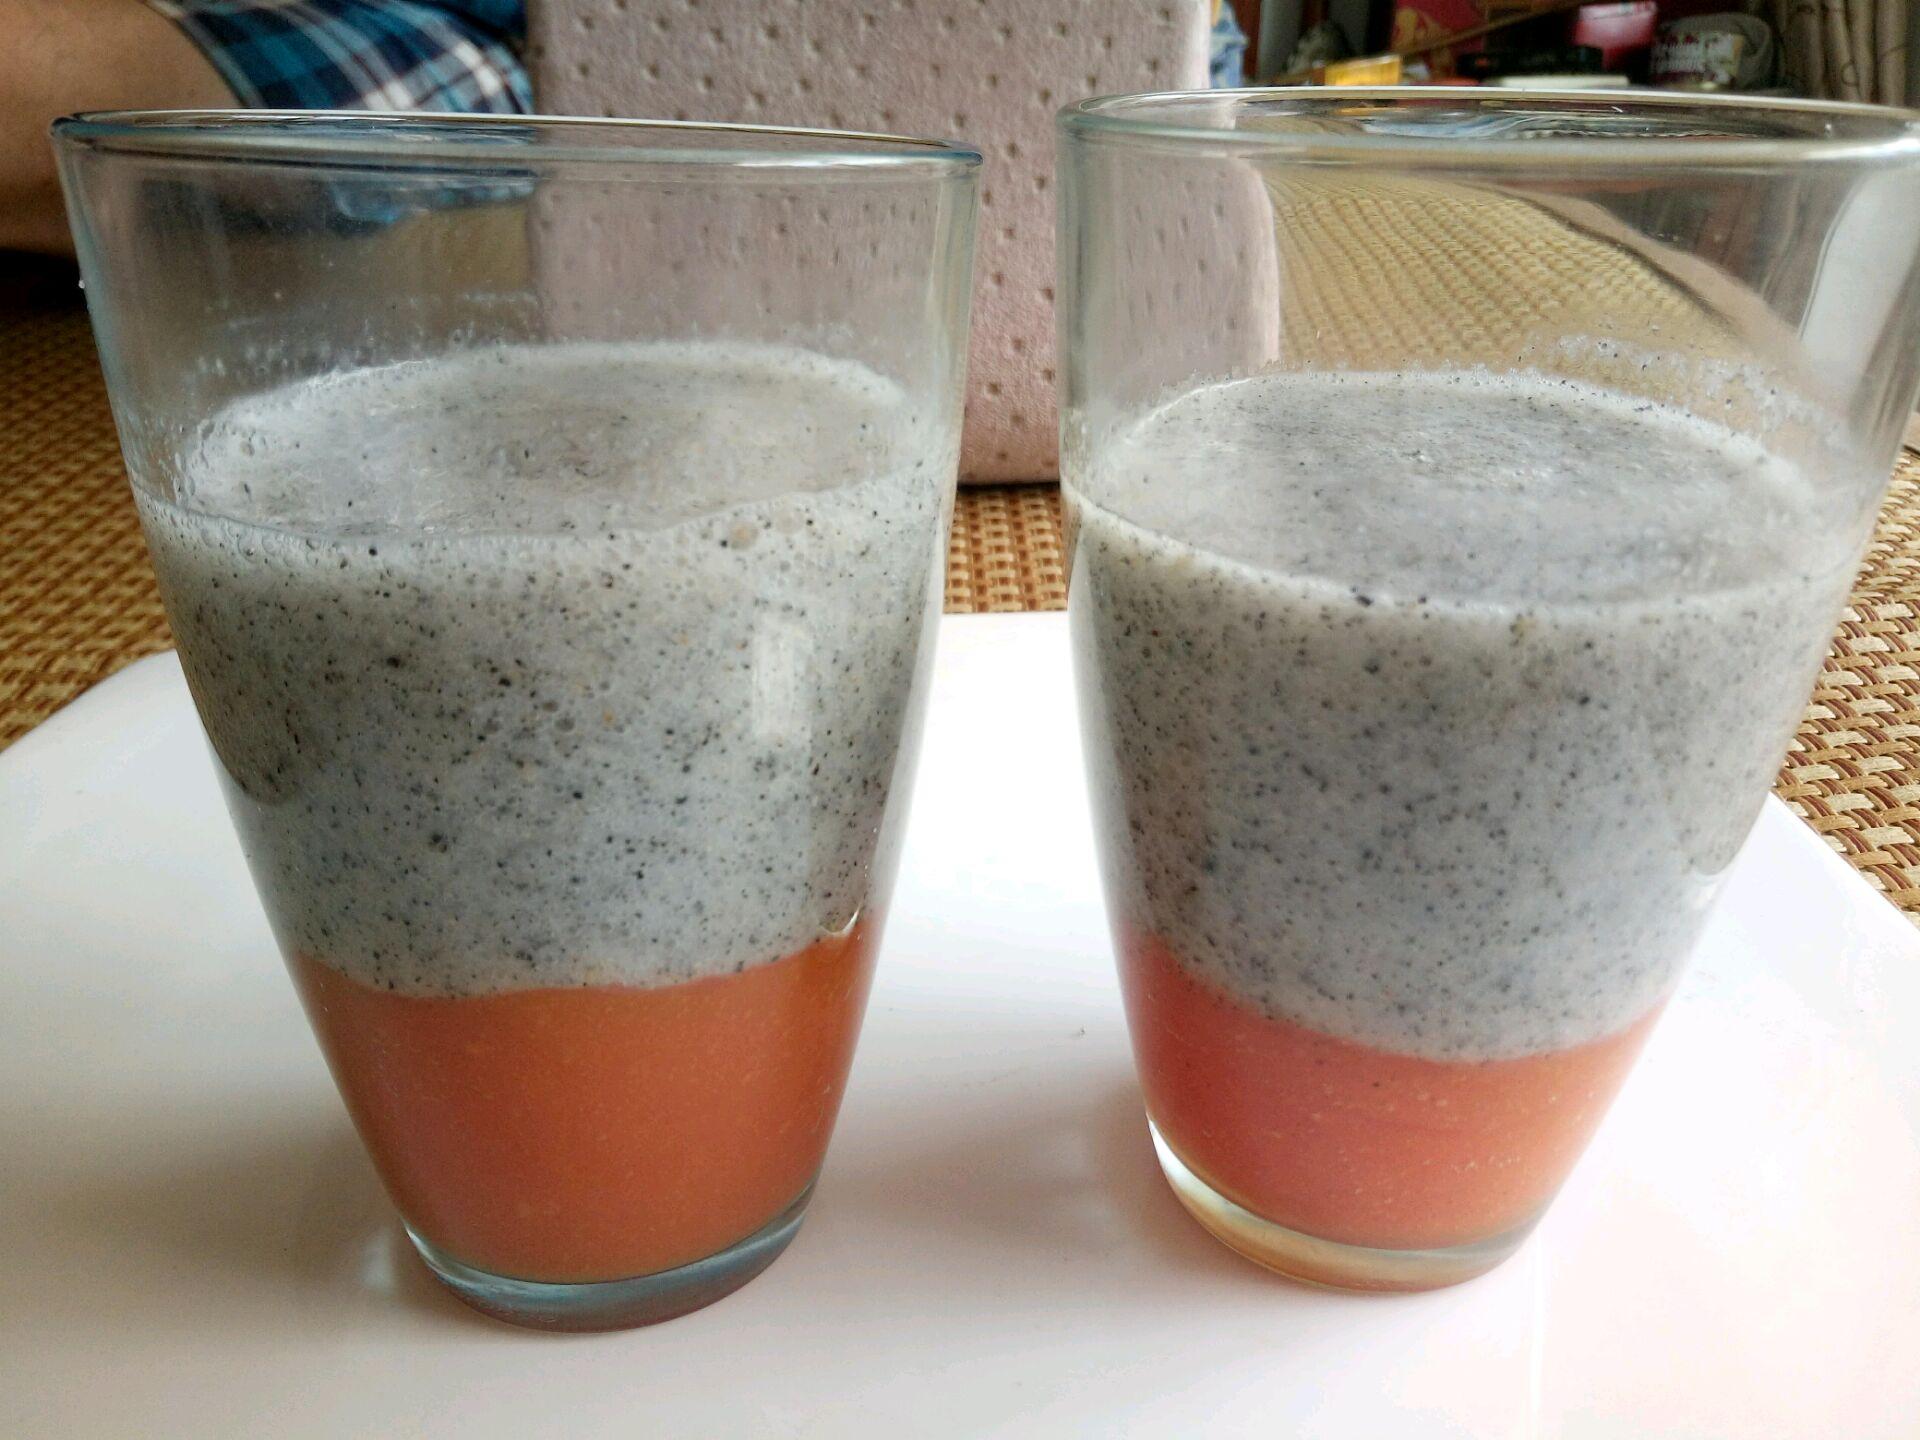 木瓜火龙果汁的做法步骤 3.